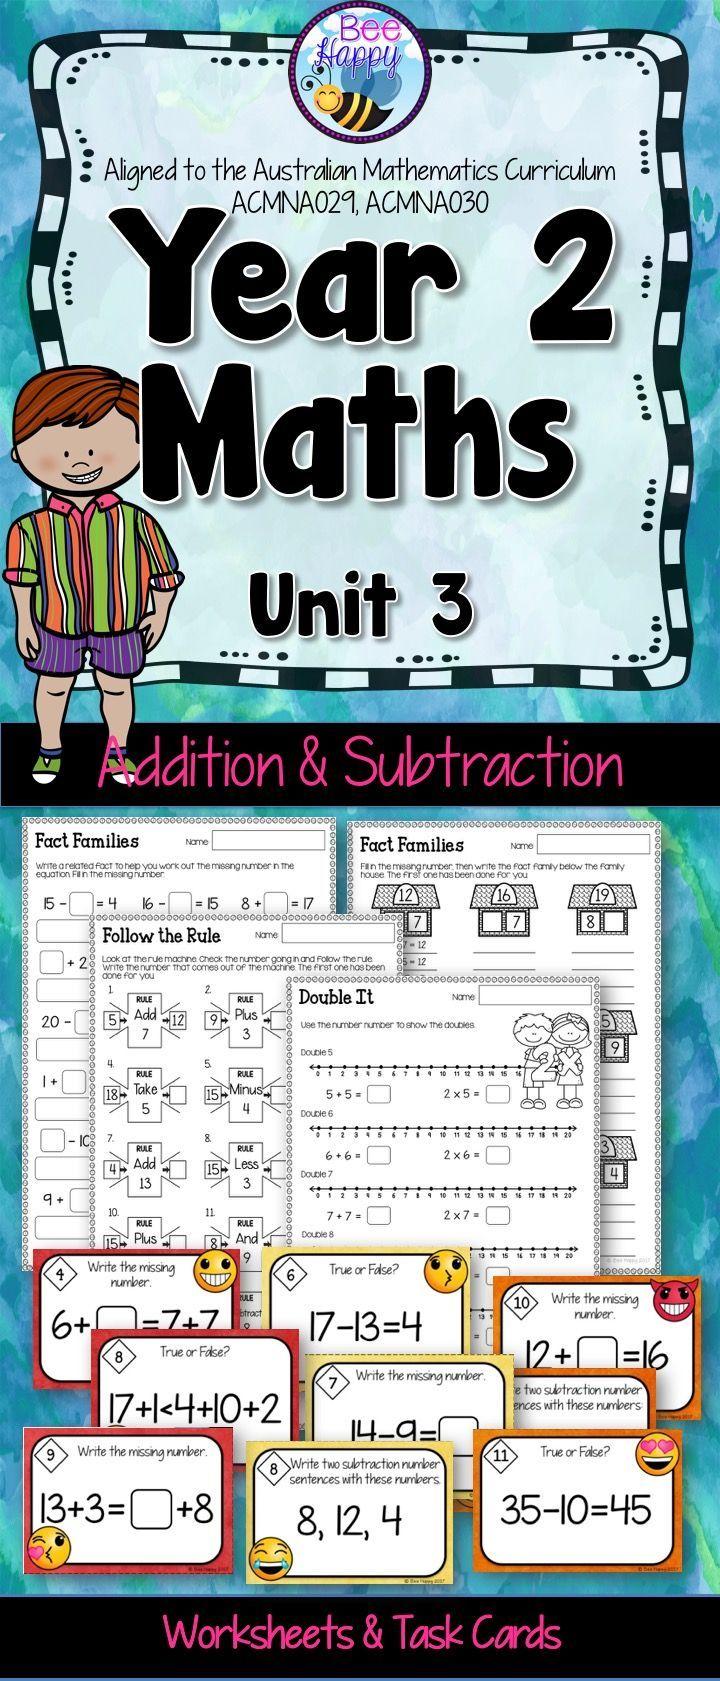 10 best Maths activities images on Pinterest | Math activities ...